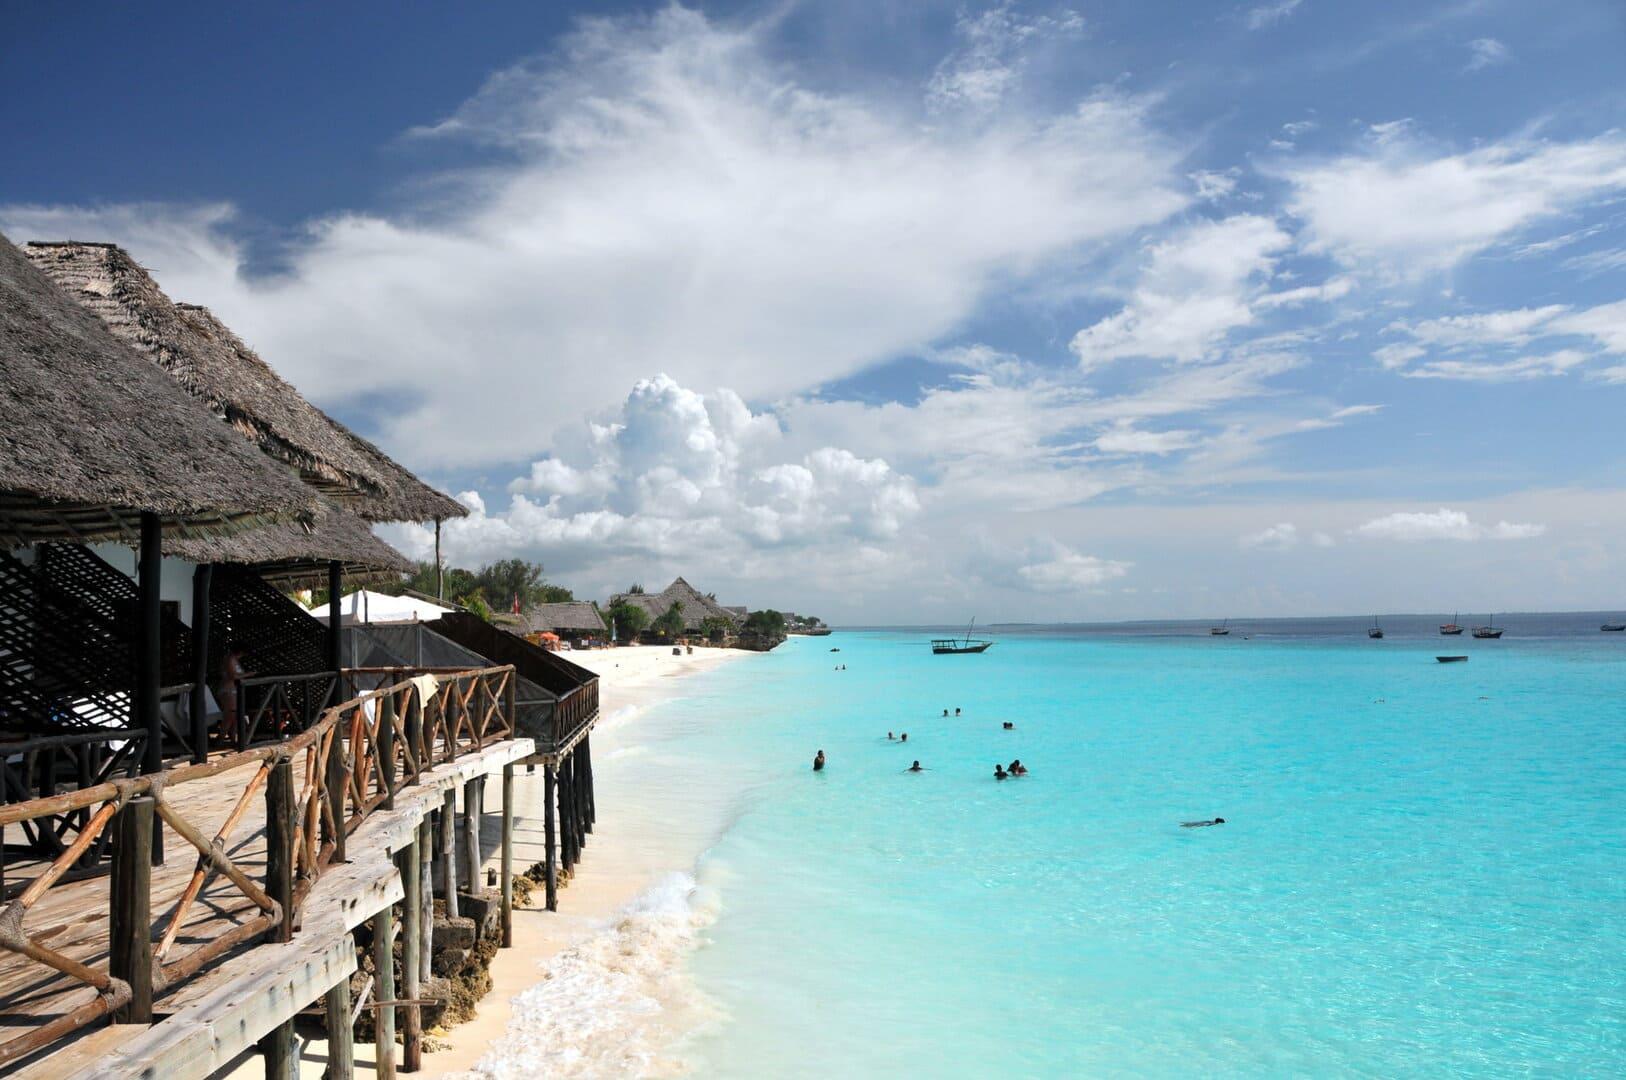 nyaralás karantén nélkül Qatar Airways